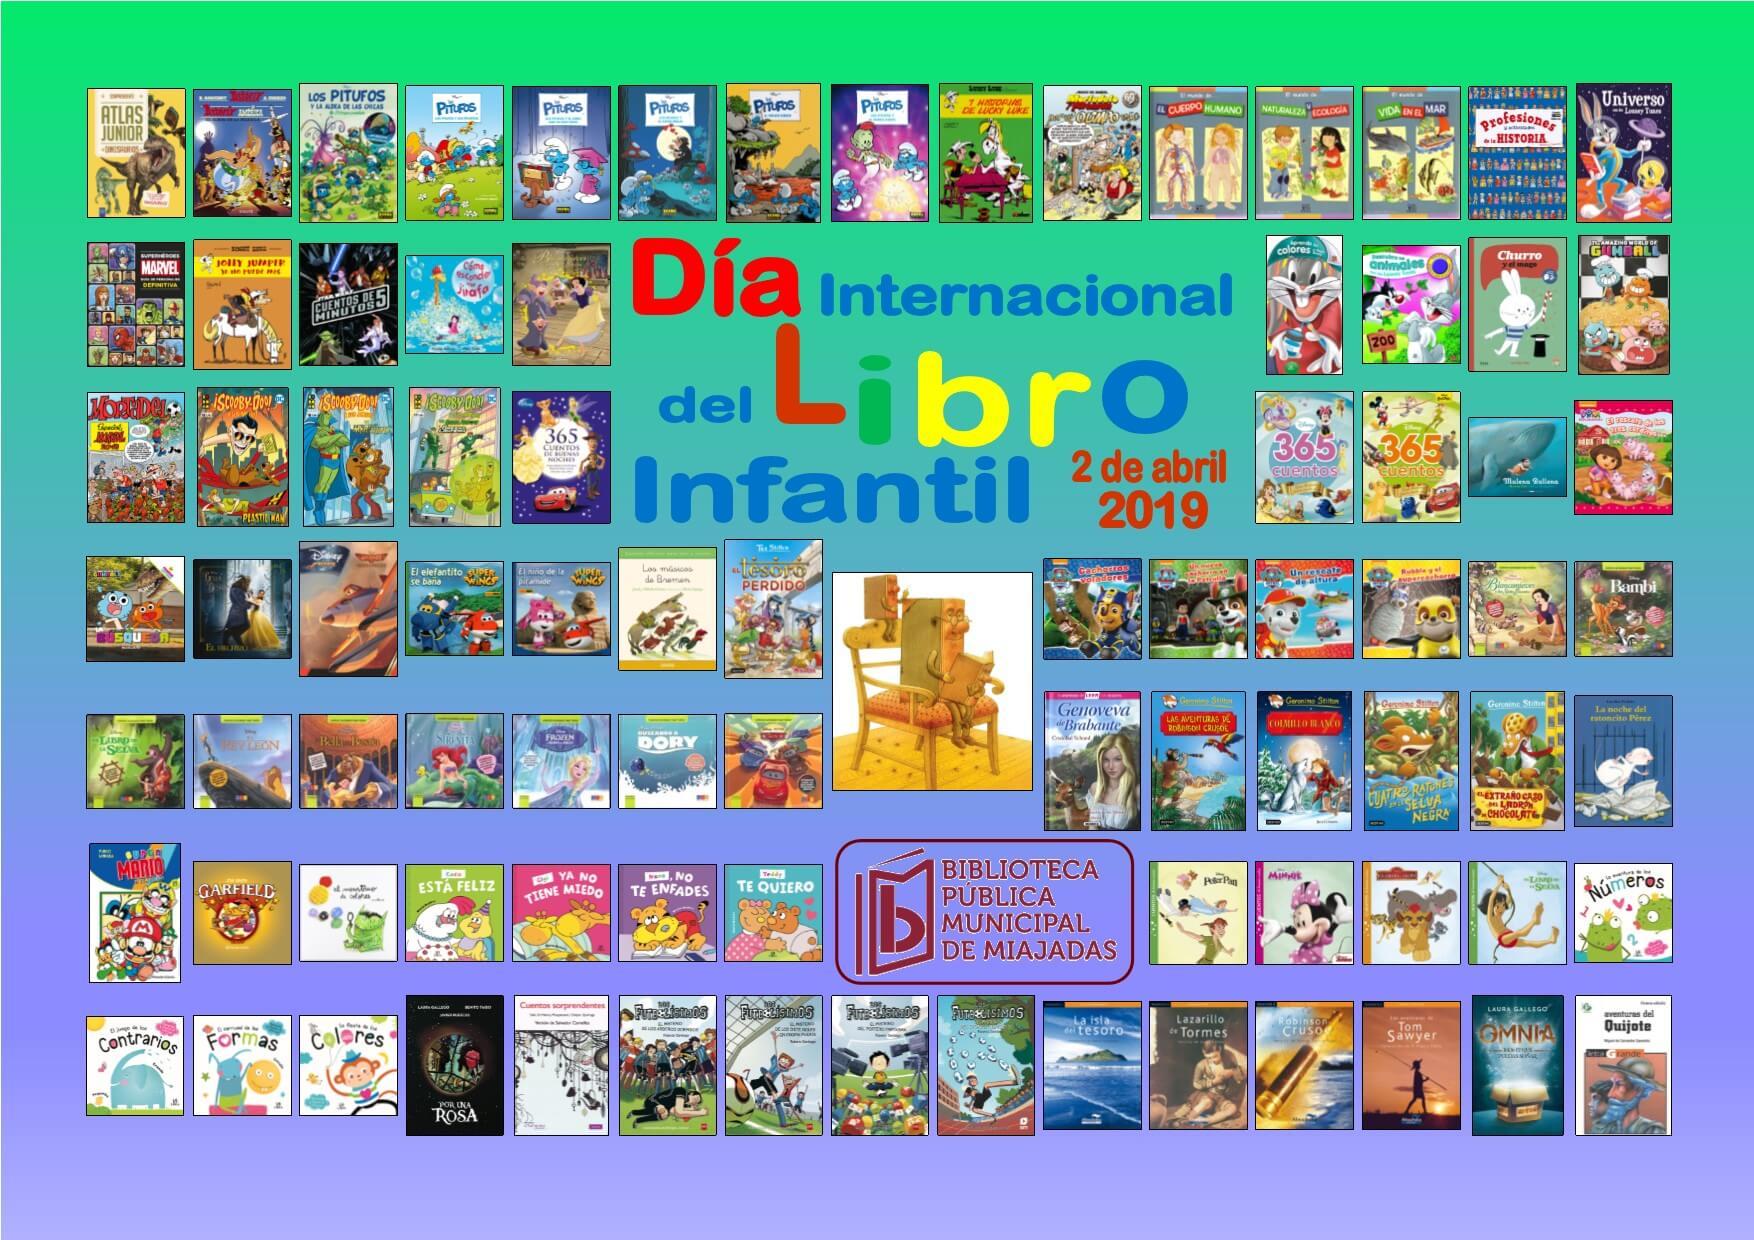 La Biblioteca De Miajadas Con El Día Internacional Del Libro